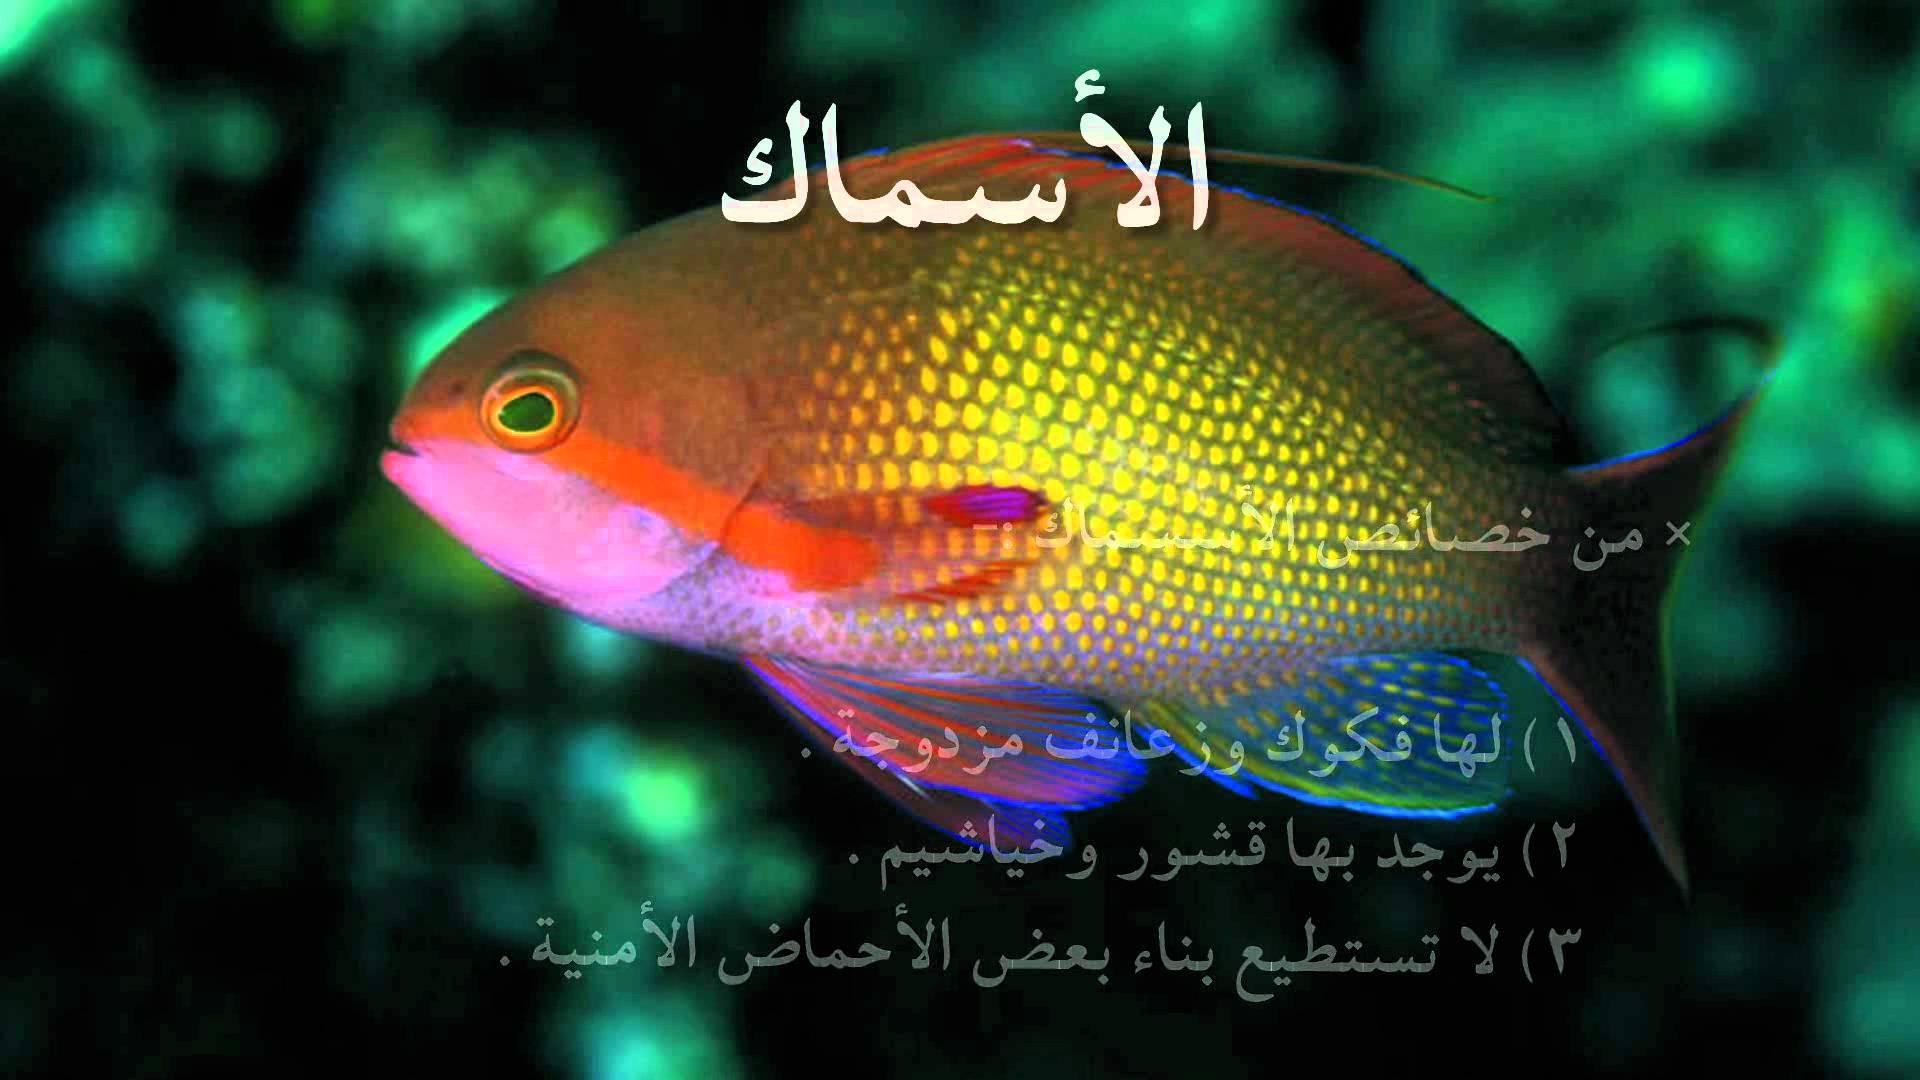 بالصور معلومات عن الاسماك , انواع اسماك الزينه 3358